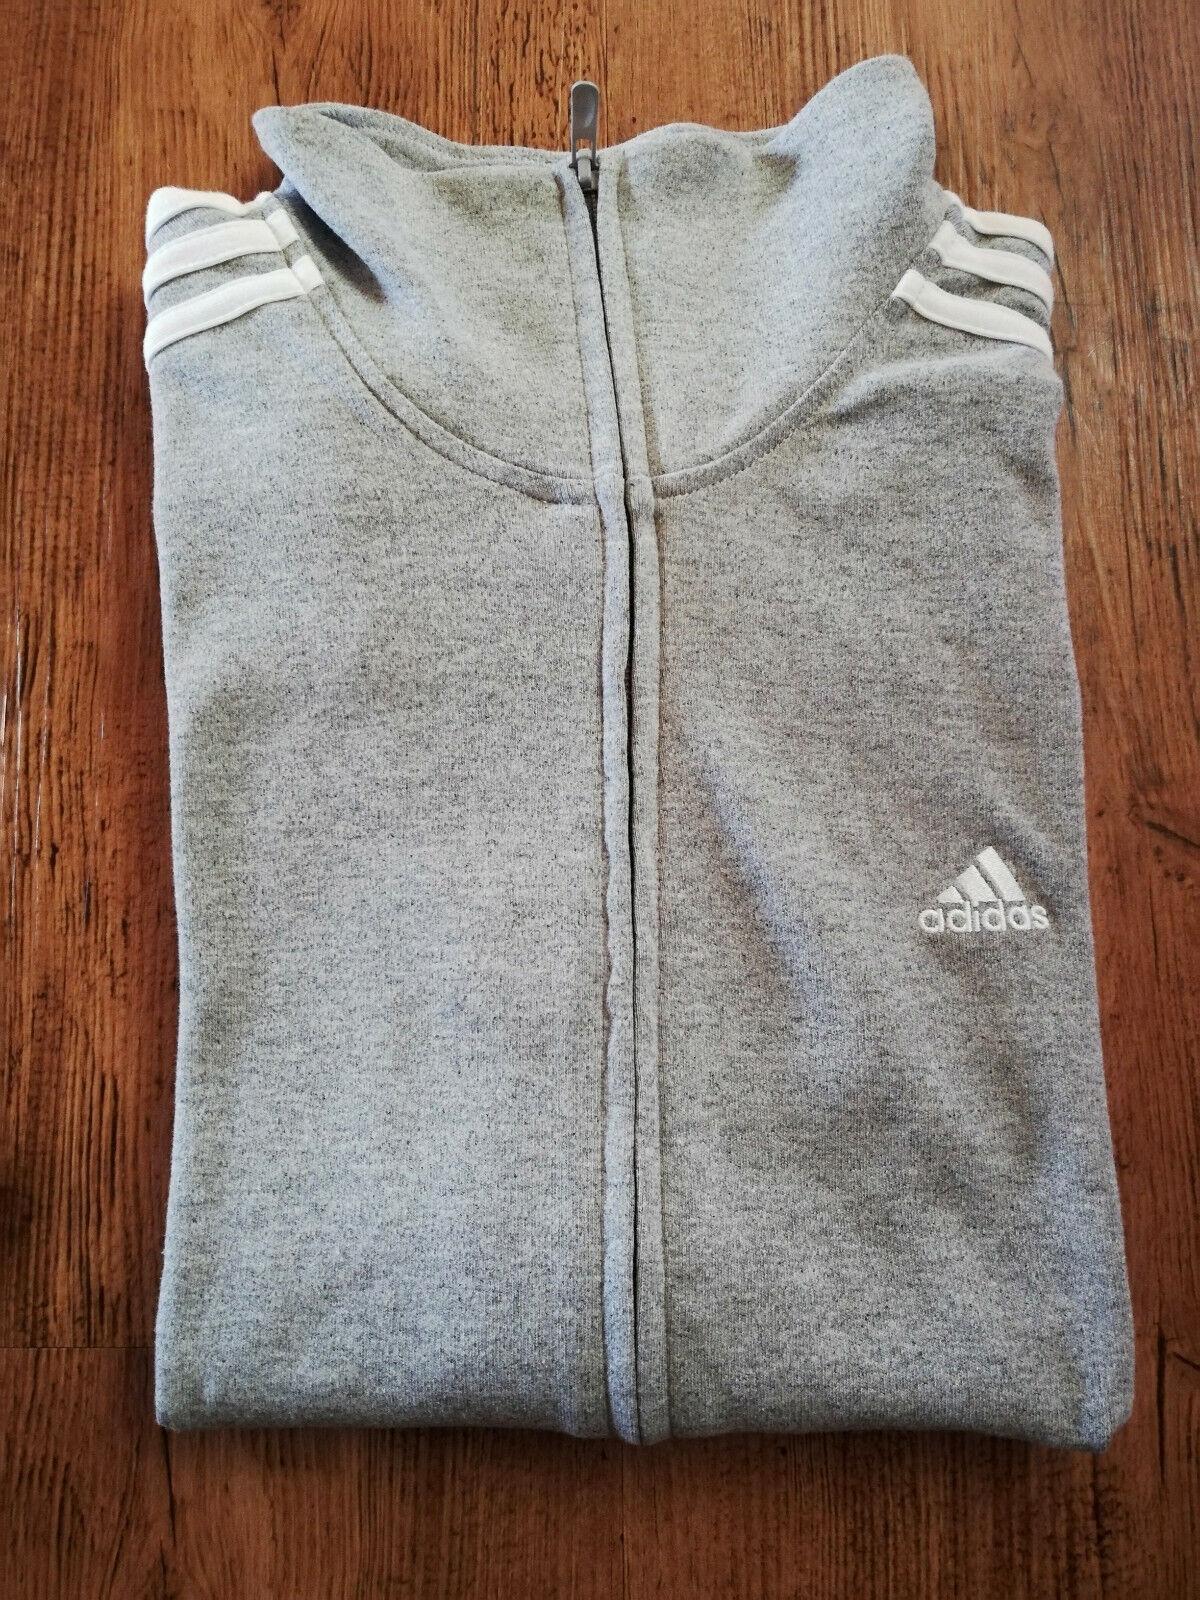 Adidas Sudadera Chaqueta Sport Mujer blancoo gris Chaqueta de Entrenamiento Nuevo